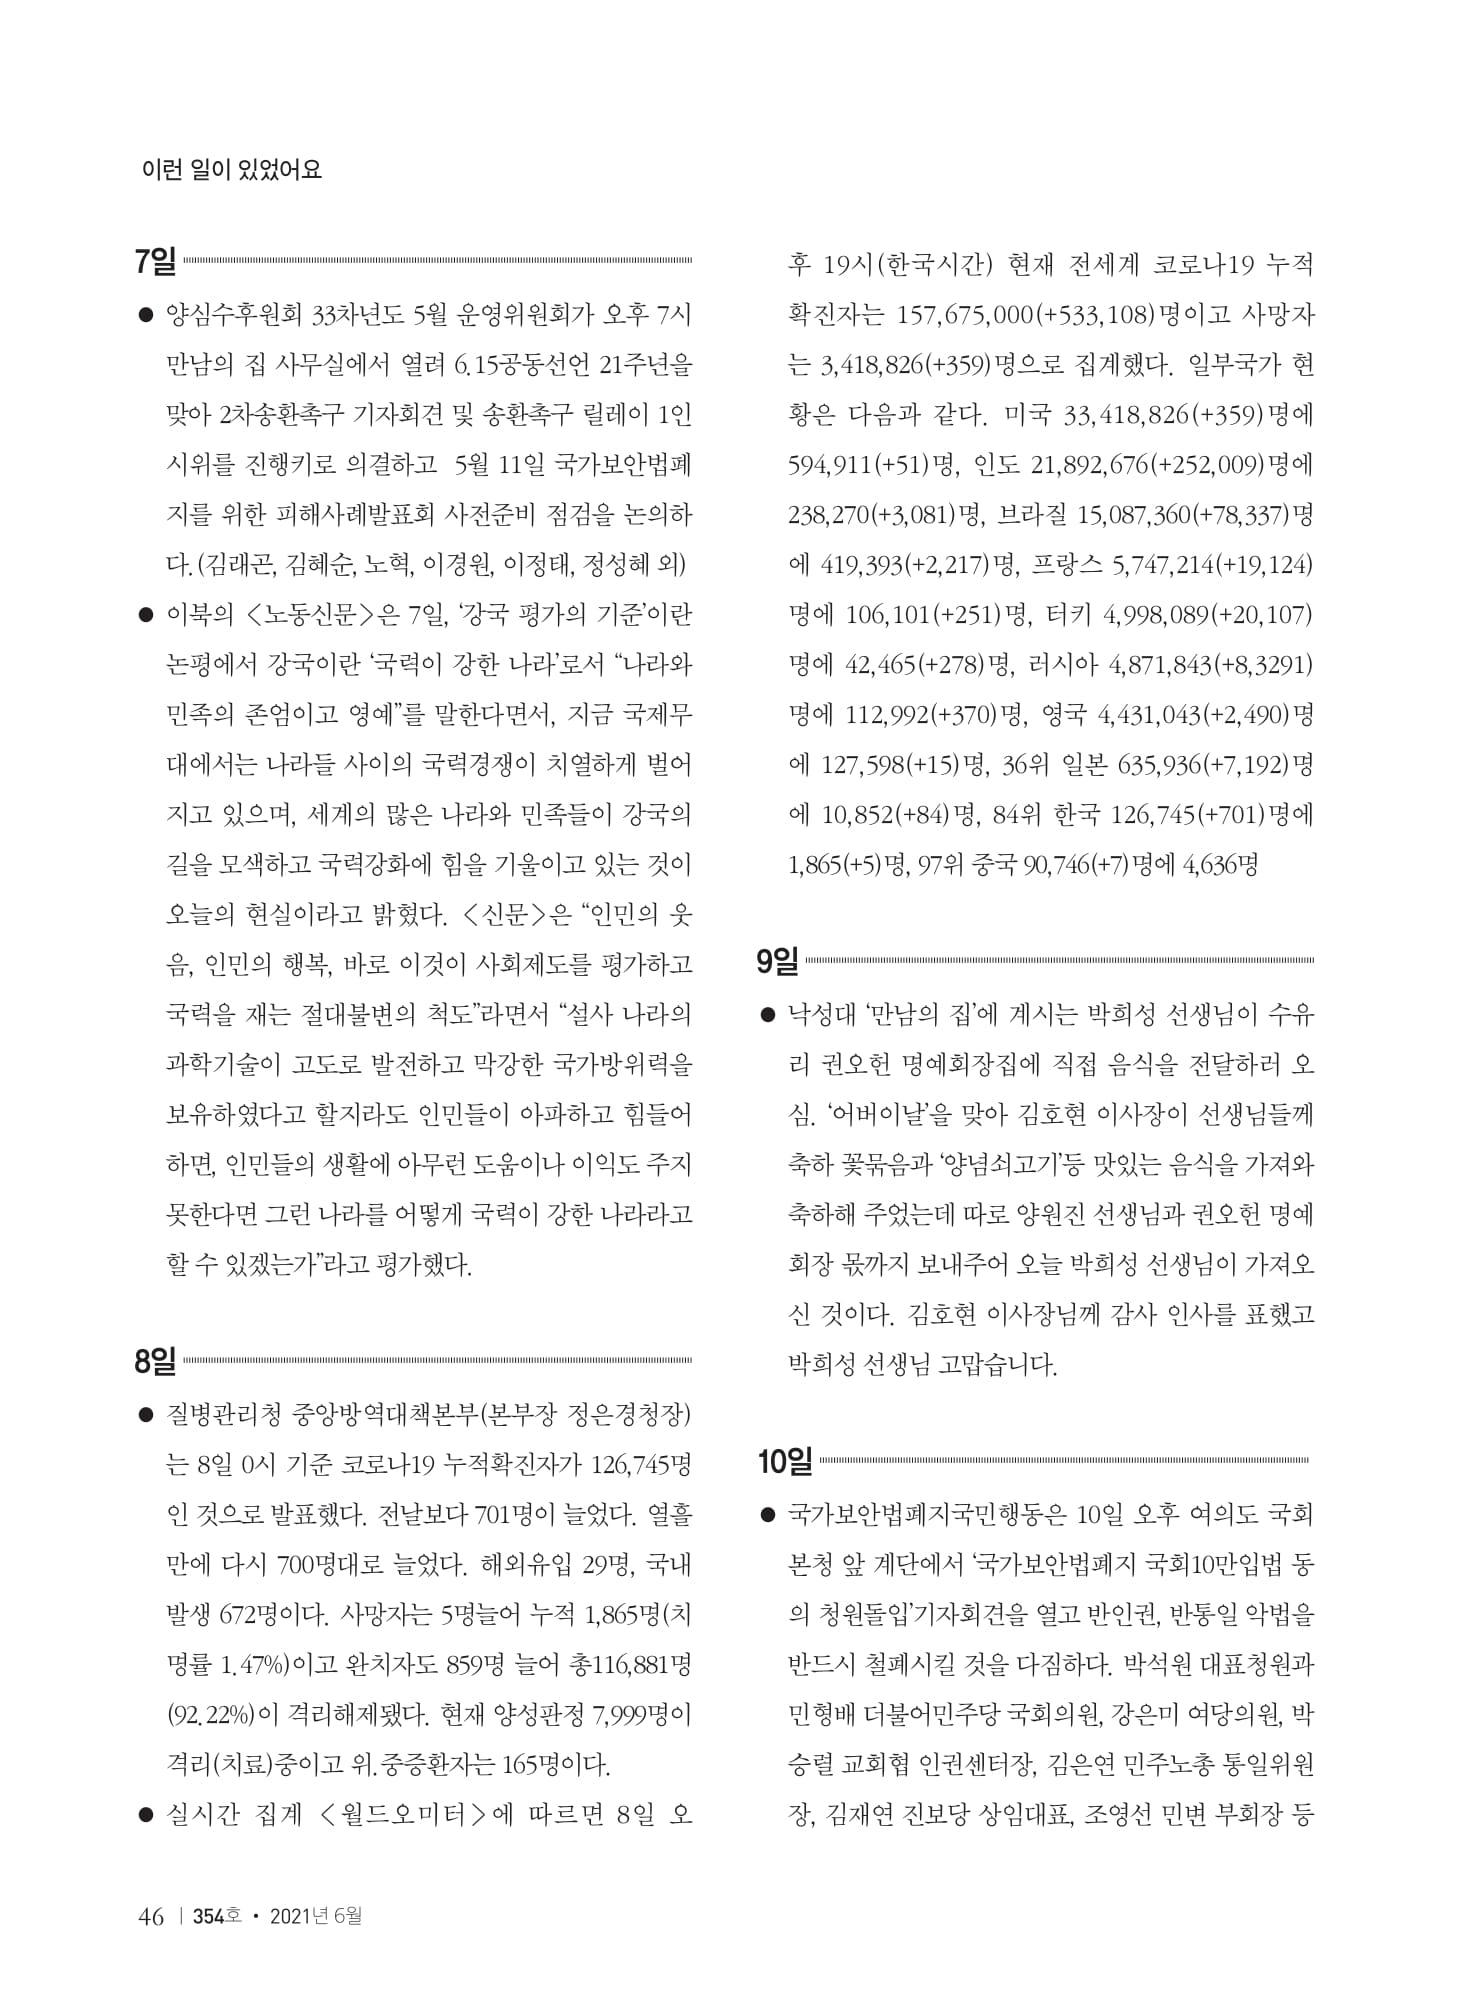 [양심수후원회] 소식지 354호 web 수정-48.jpg